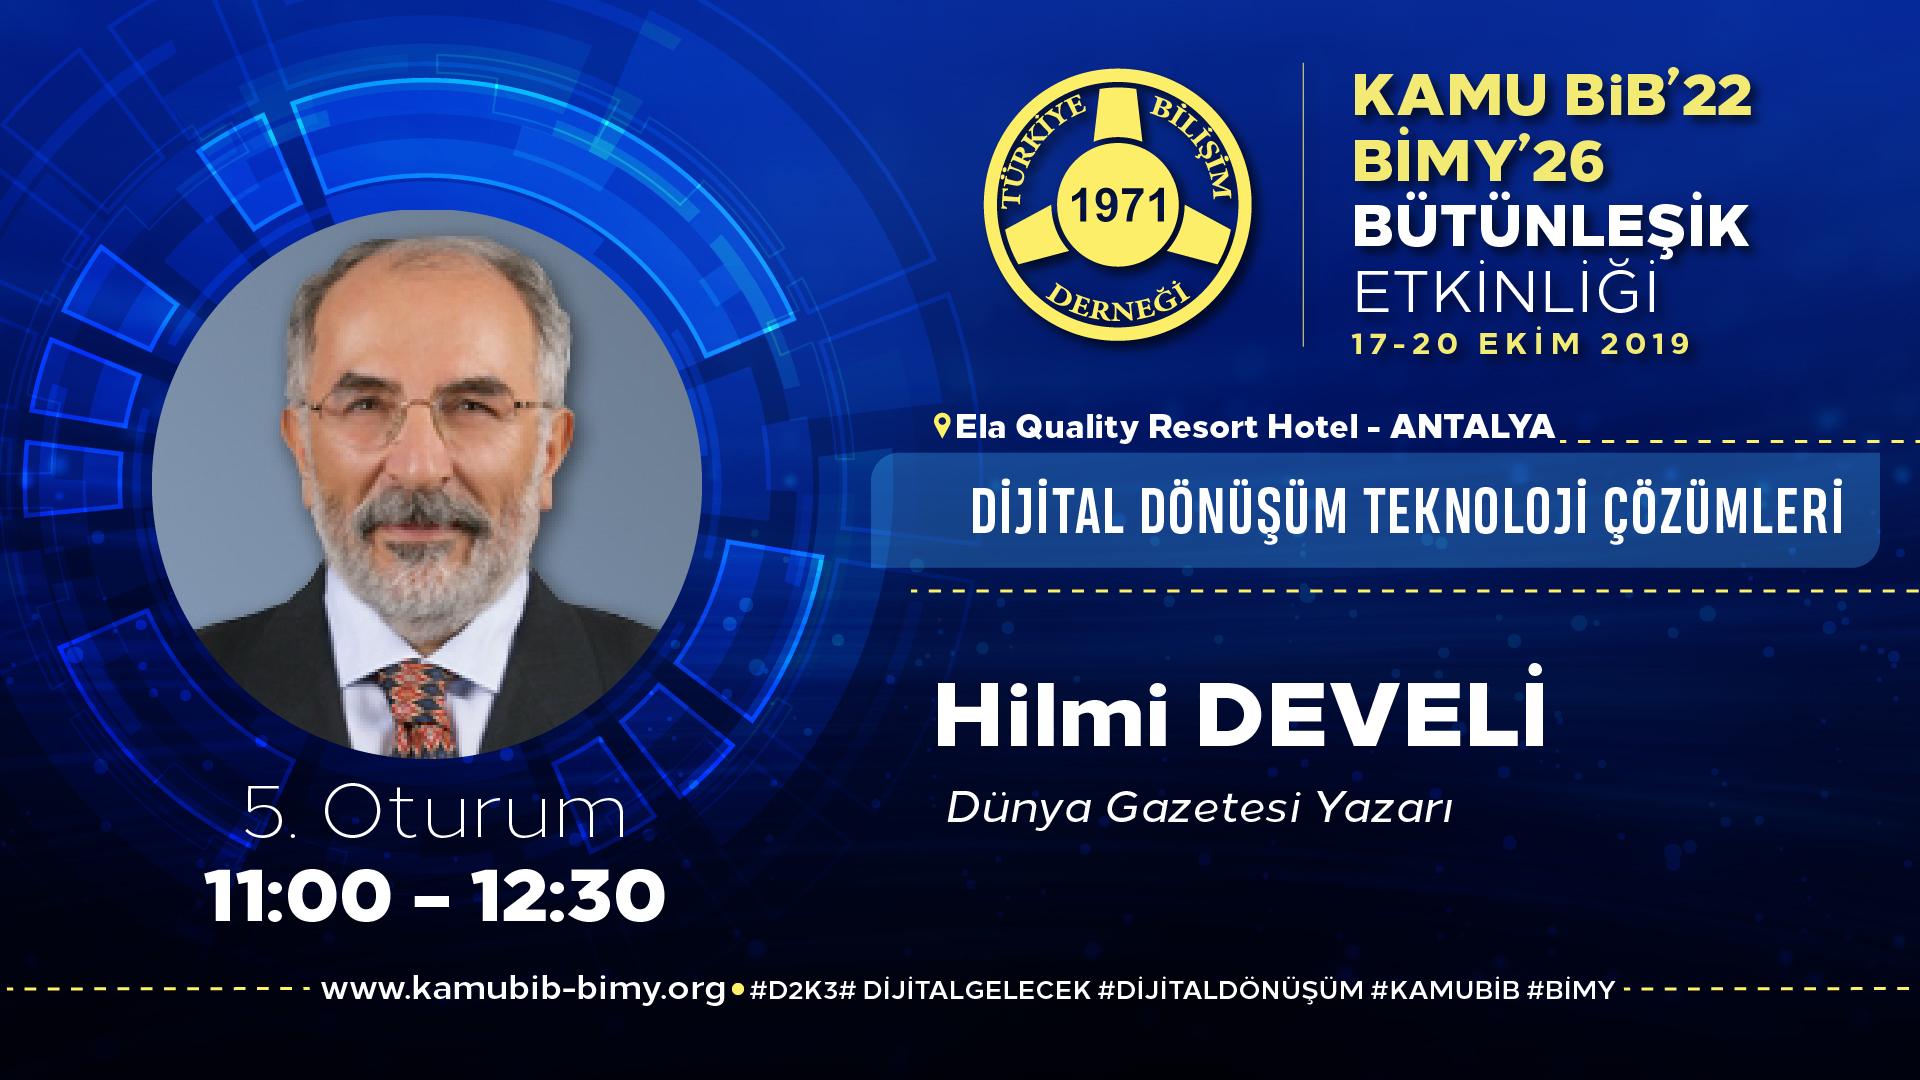 Hilmi DEVELİ - KamuBİB'22 BİMY'26